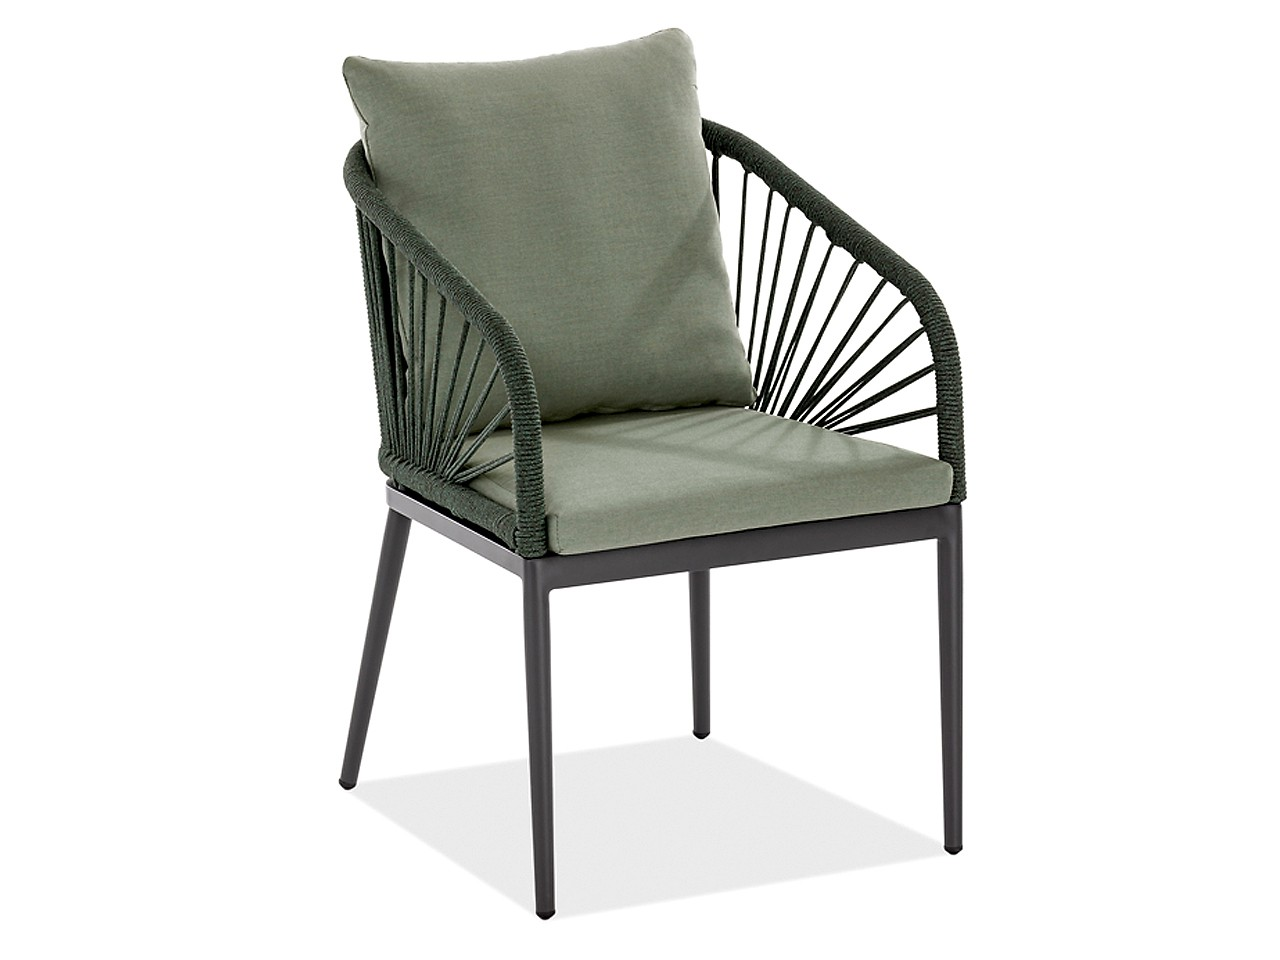 Niehoff Designstuhl Gartenstuhl Pino G572.100.185 Grün